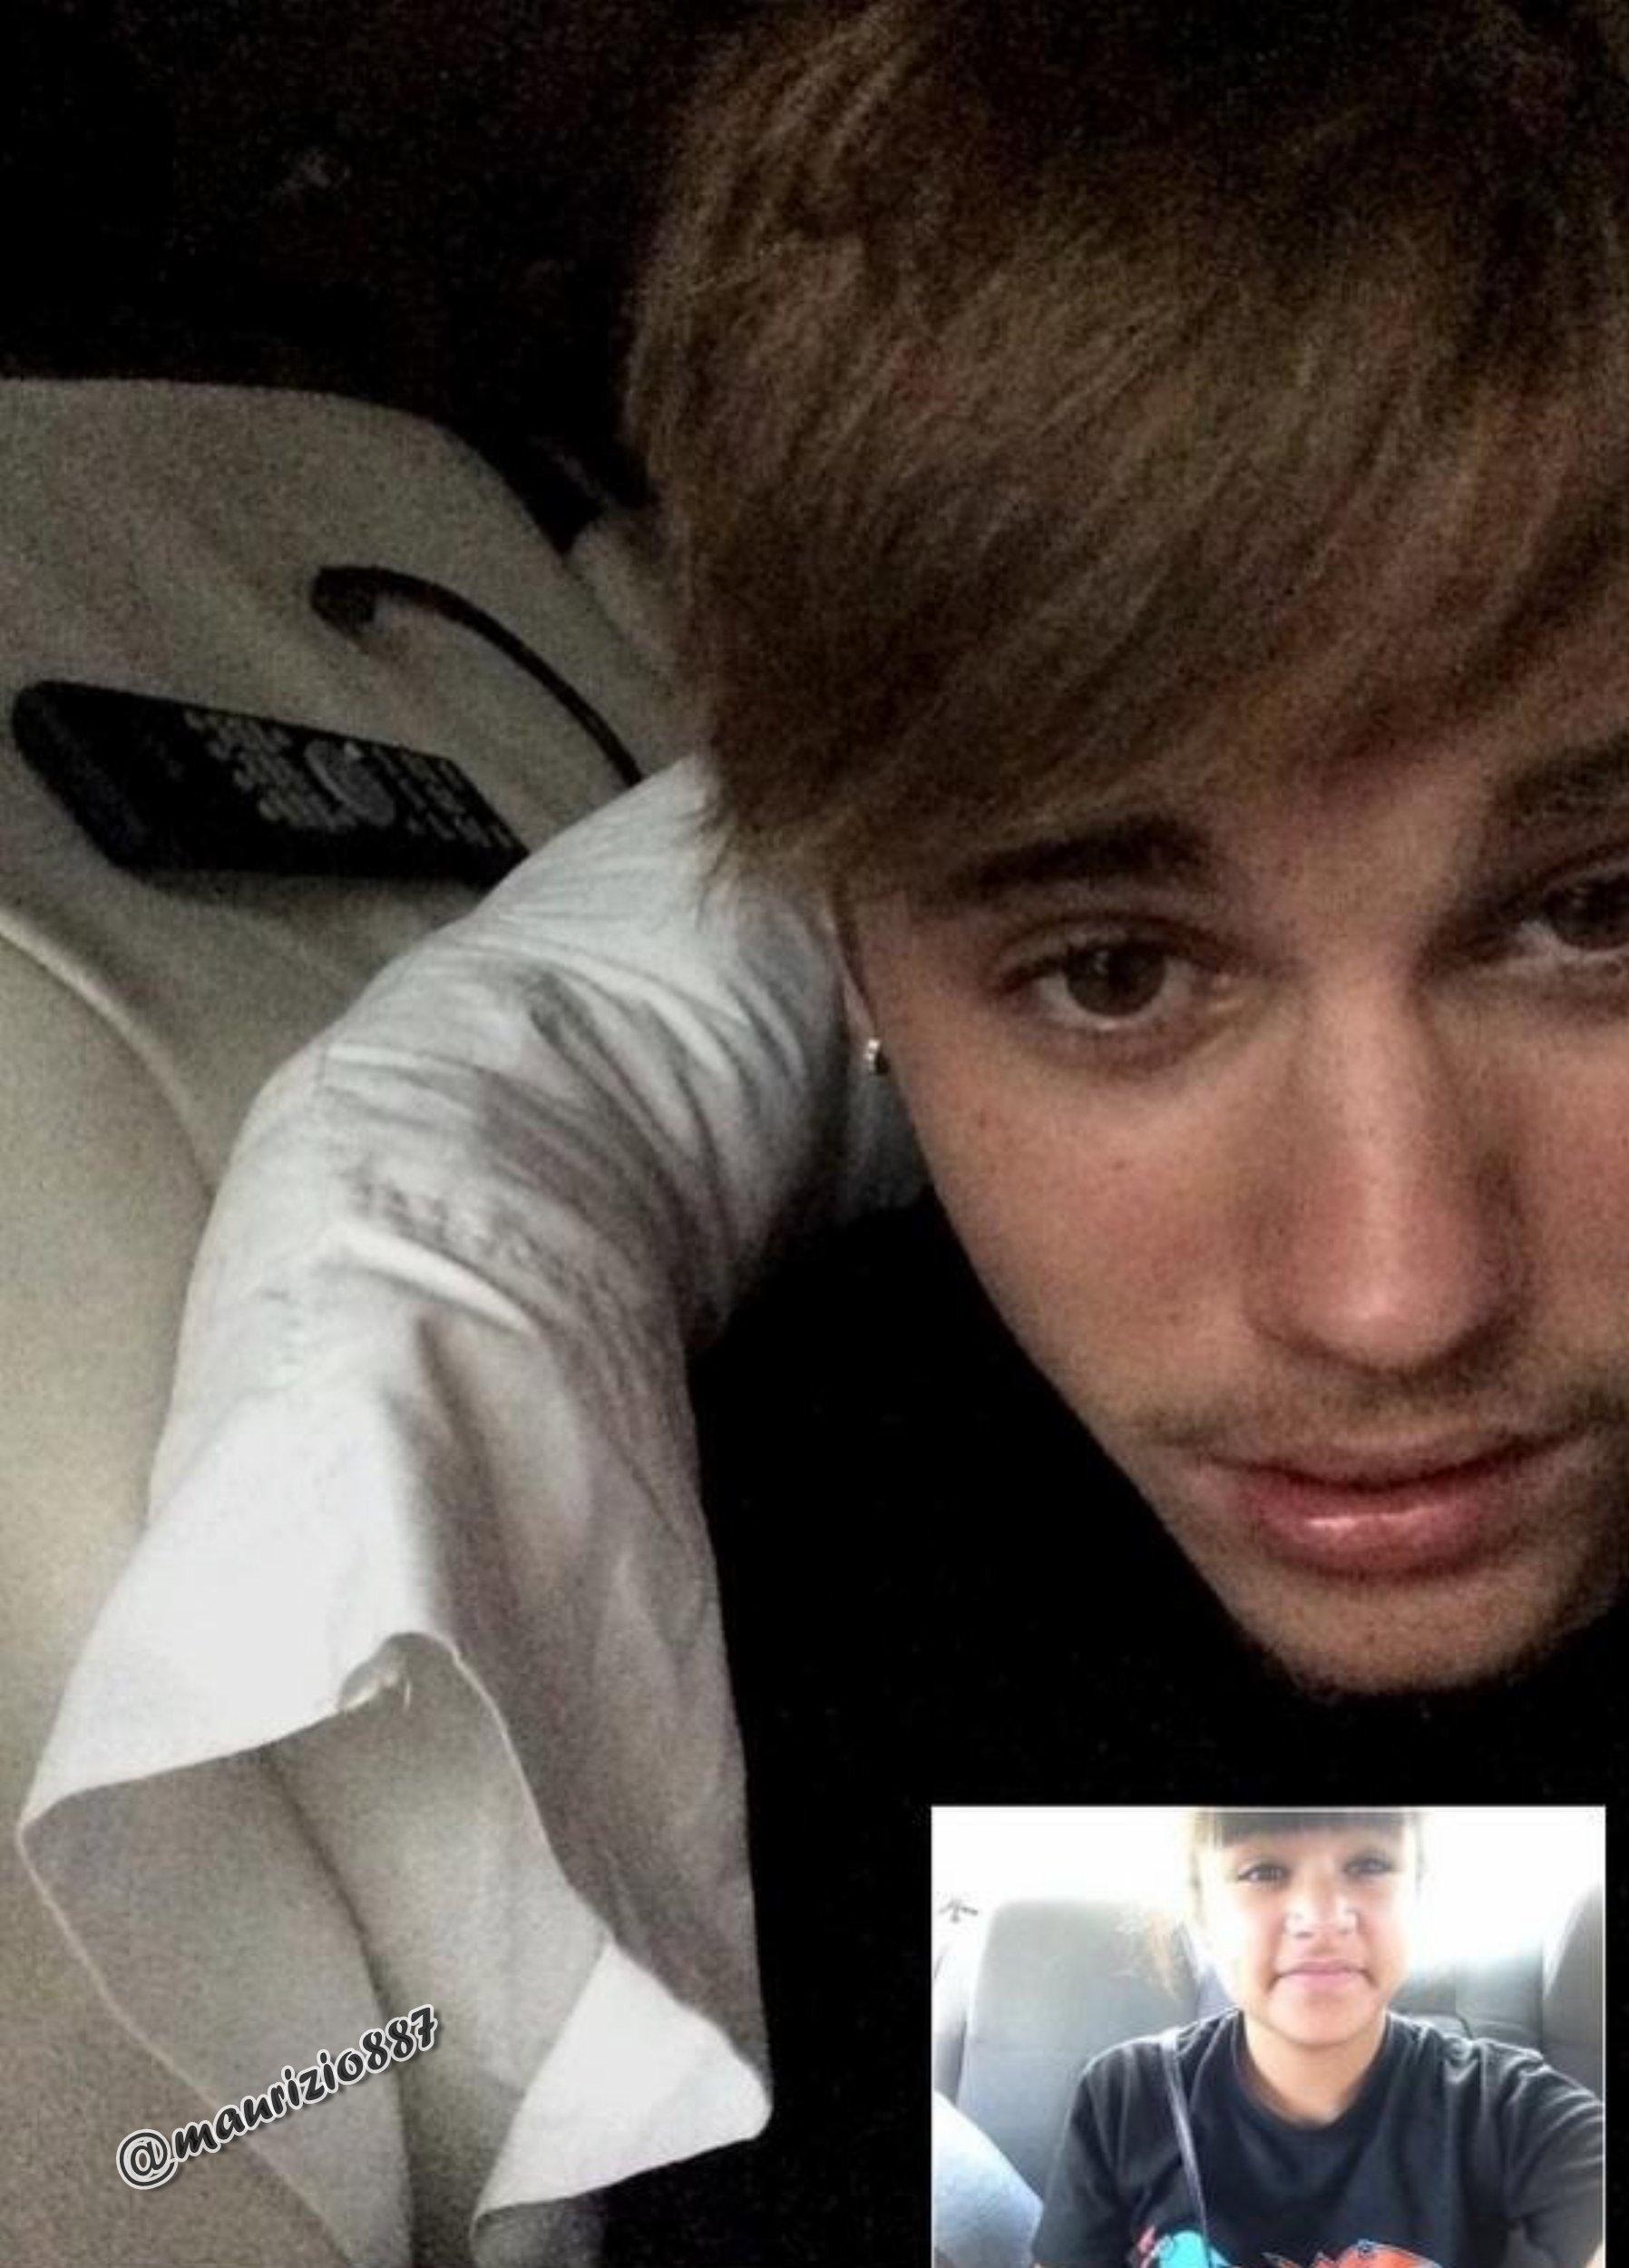 justin bieber 2014 - Justin Bieber Photo (37450704) - Fanpop